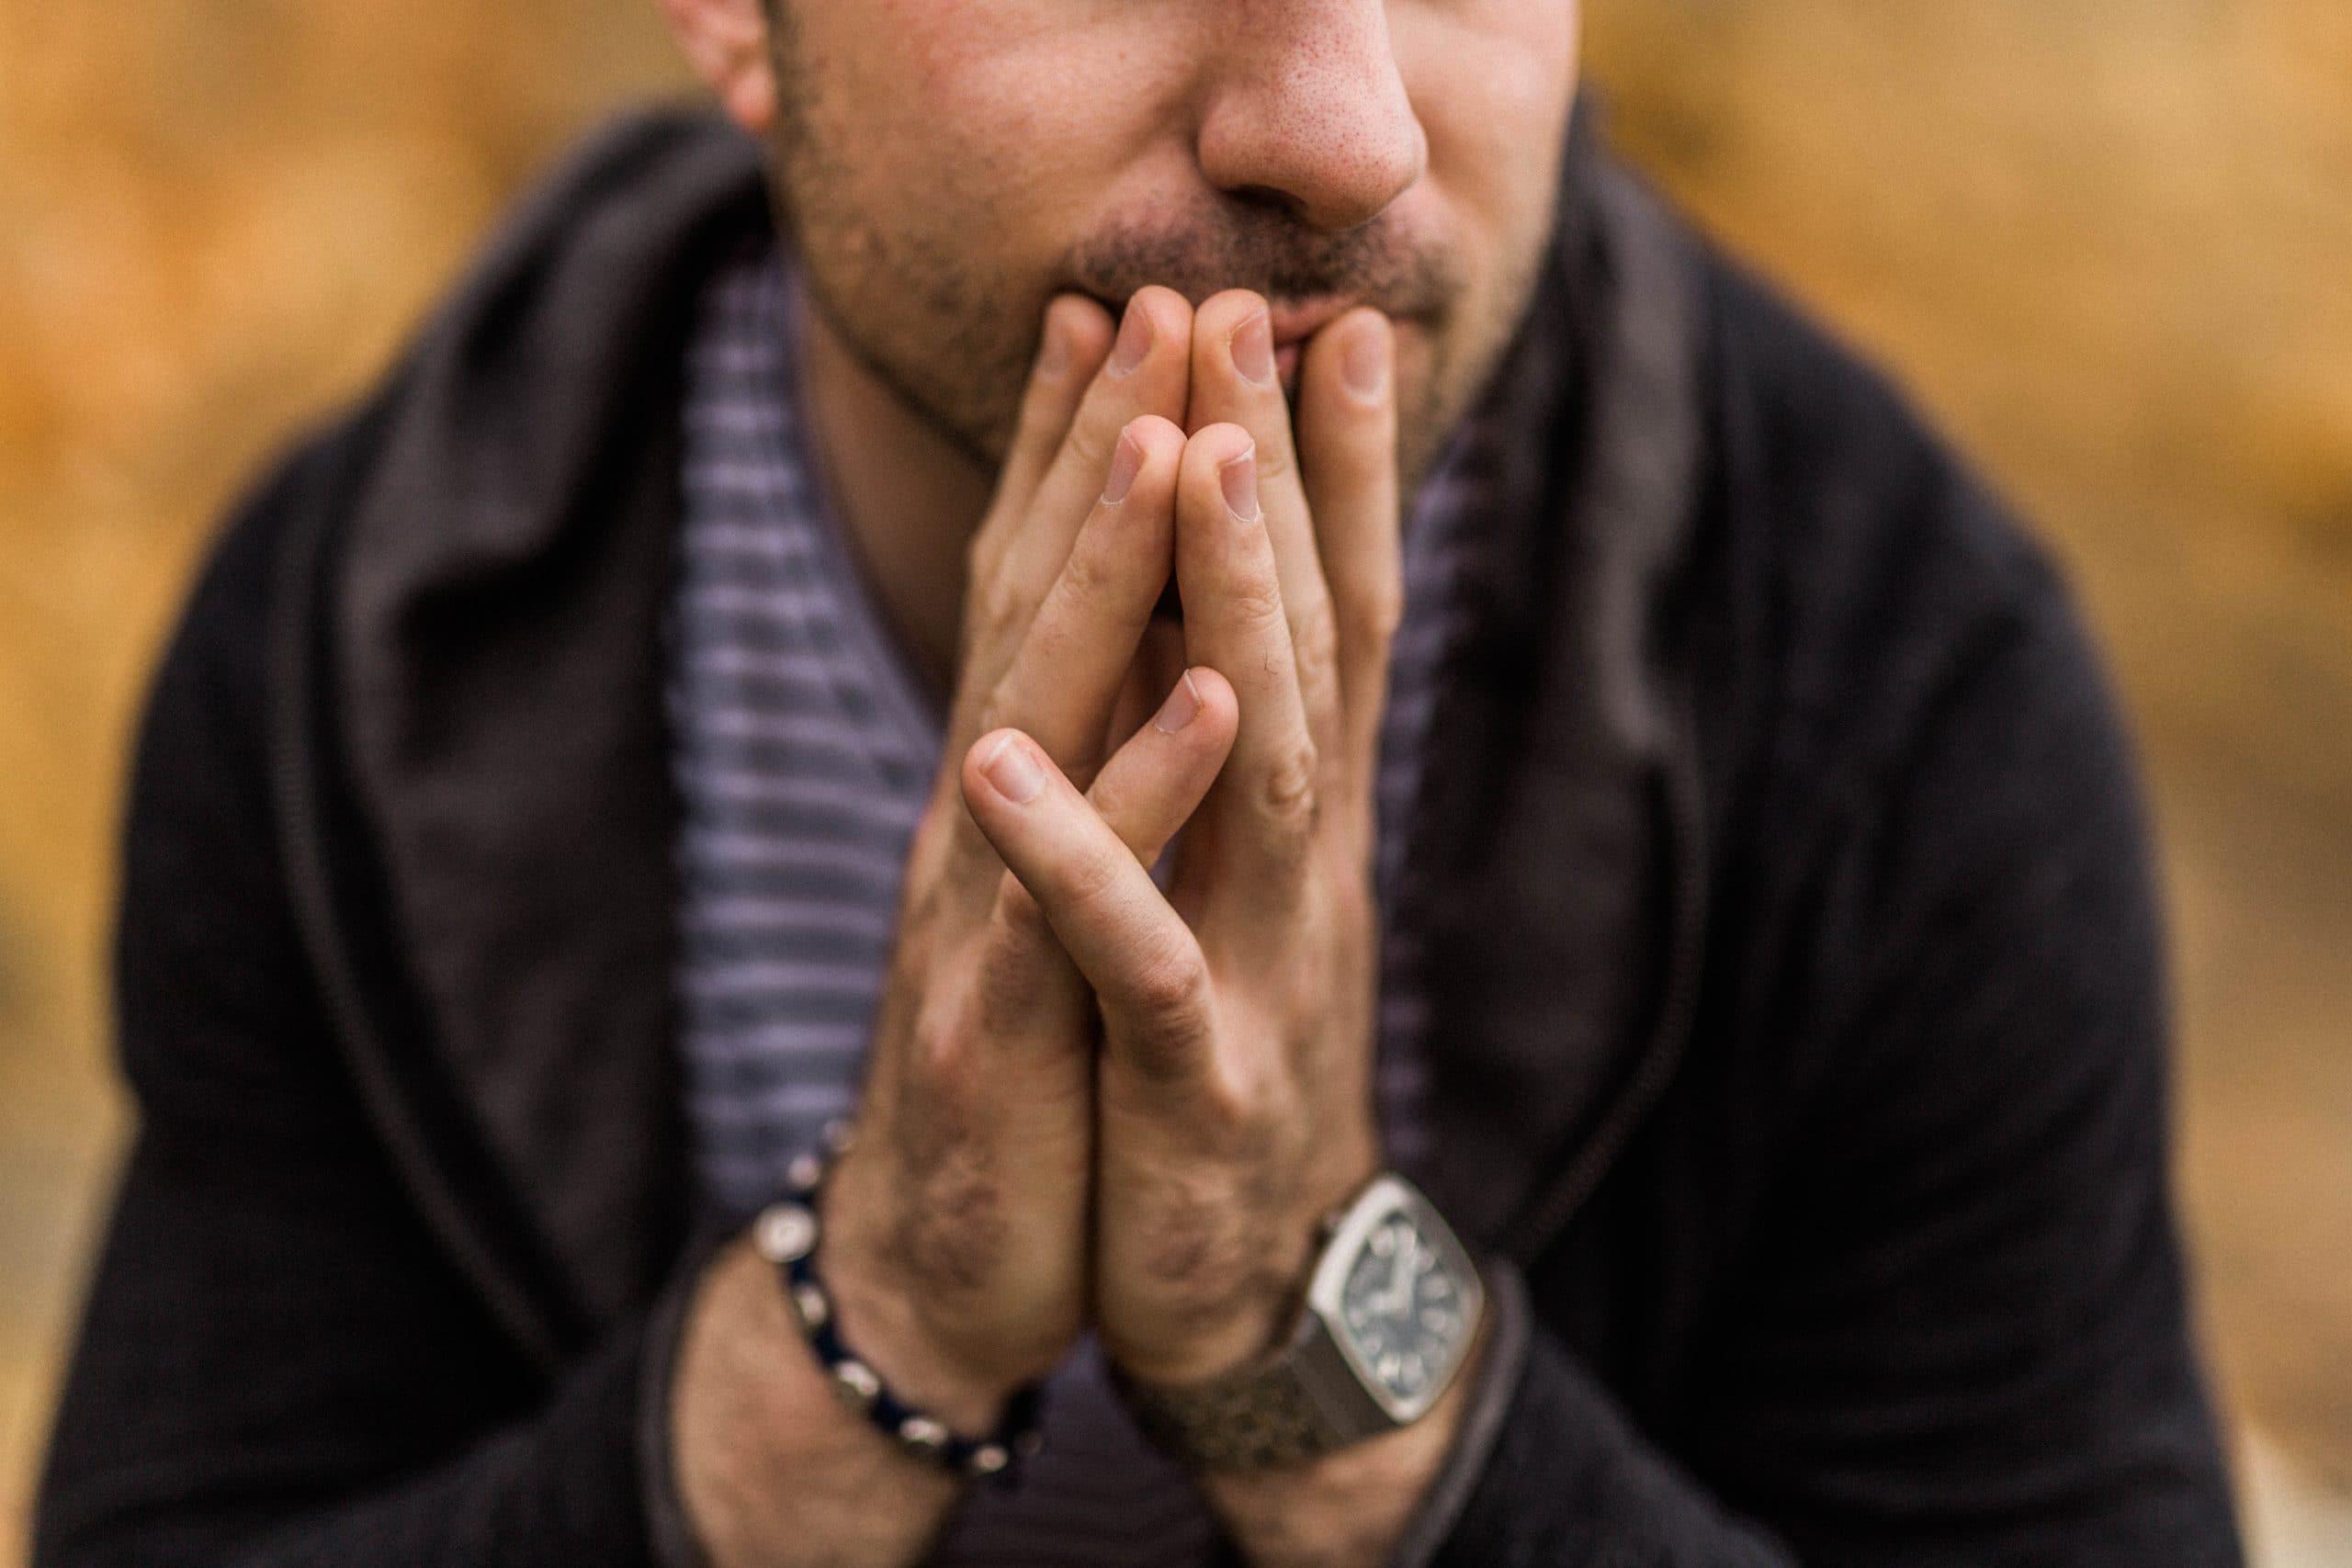 Homem sentado com as mãos juntas em frente ao rosto.